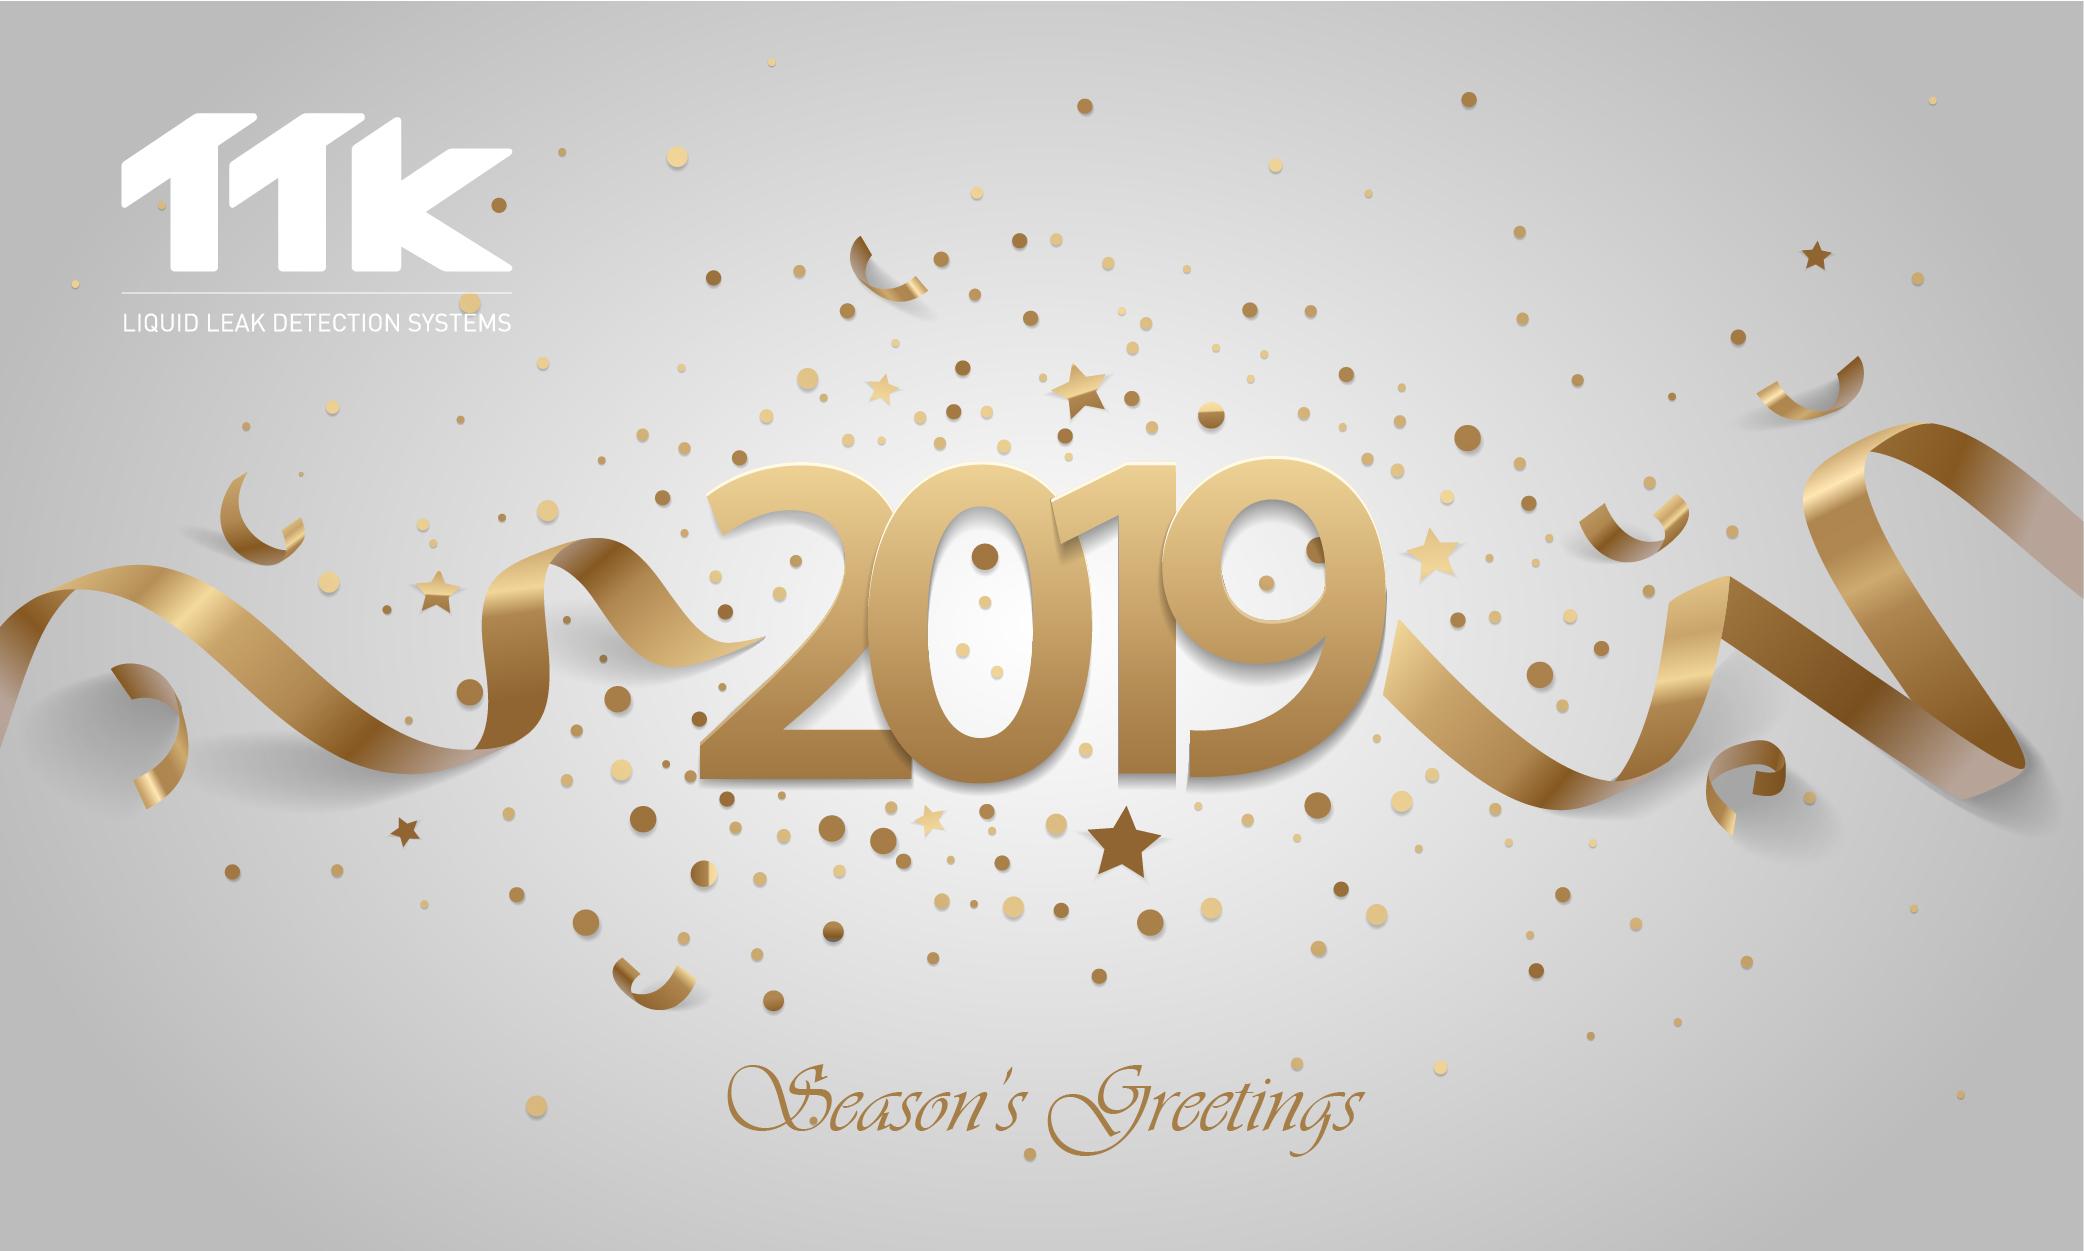 TTK vous présente ses meilleurs voeux pour 2019 !